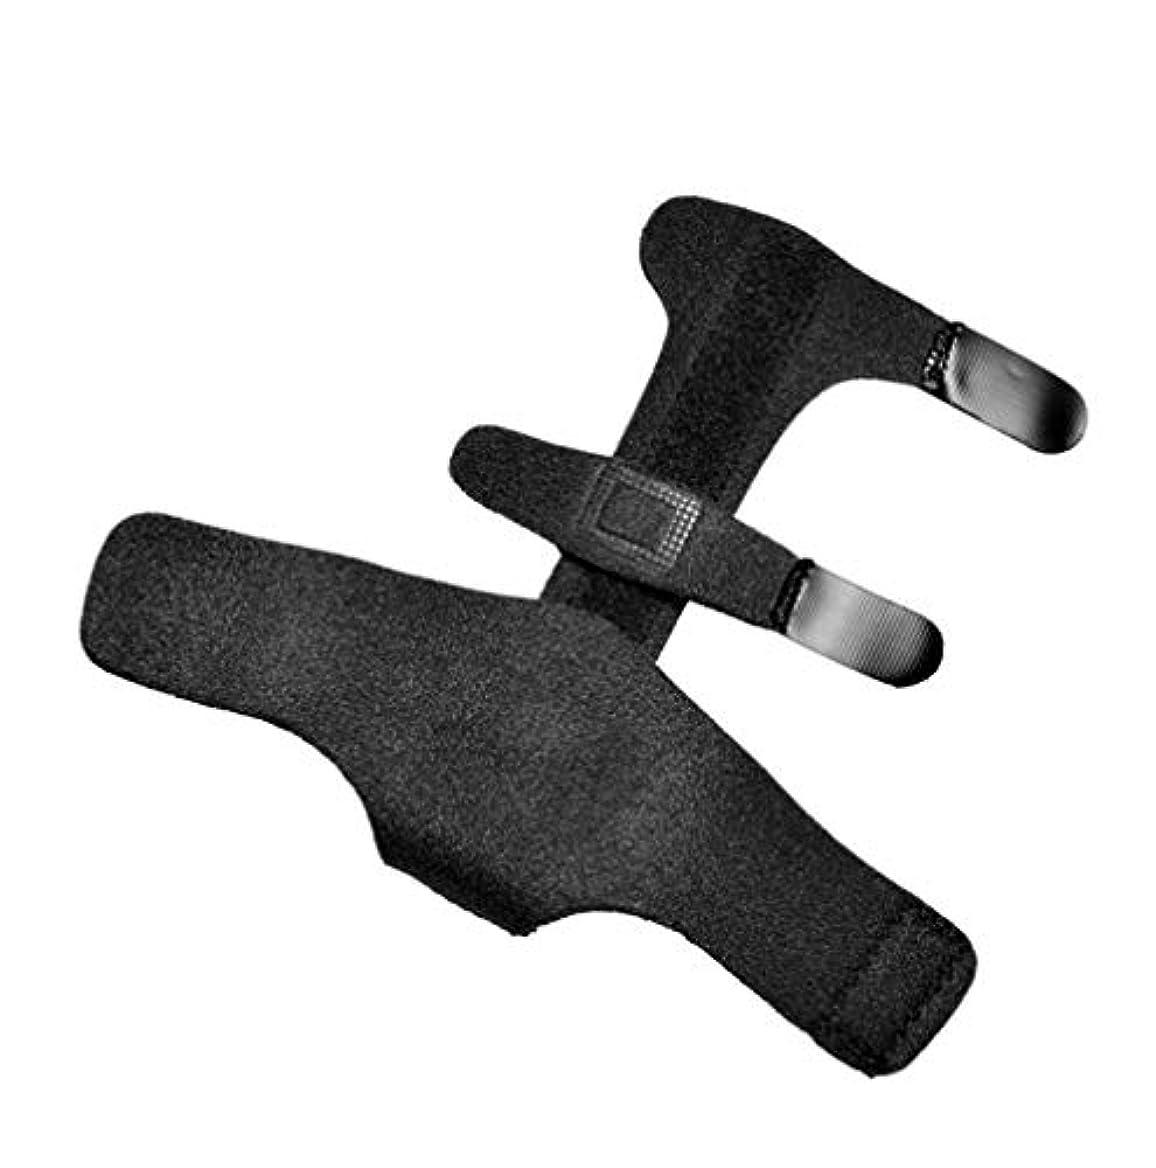 バランスのとれた創始者選挙親指スプリント、スプリント固定フィンガージョイント捻挫とホームの指固定して指骨折固定、ワンサイズ